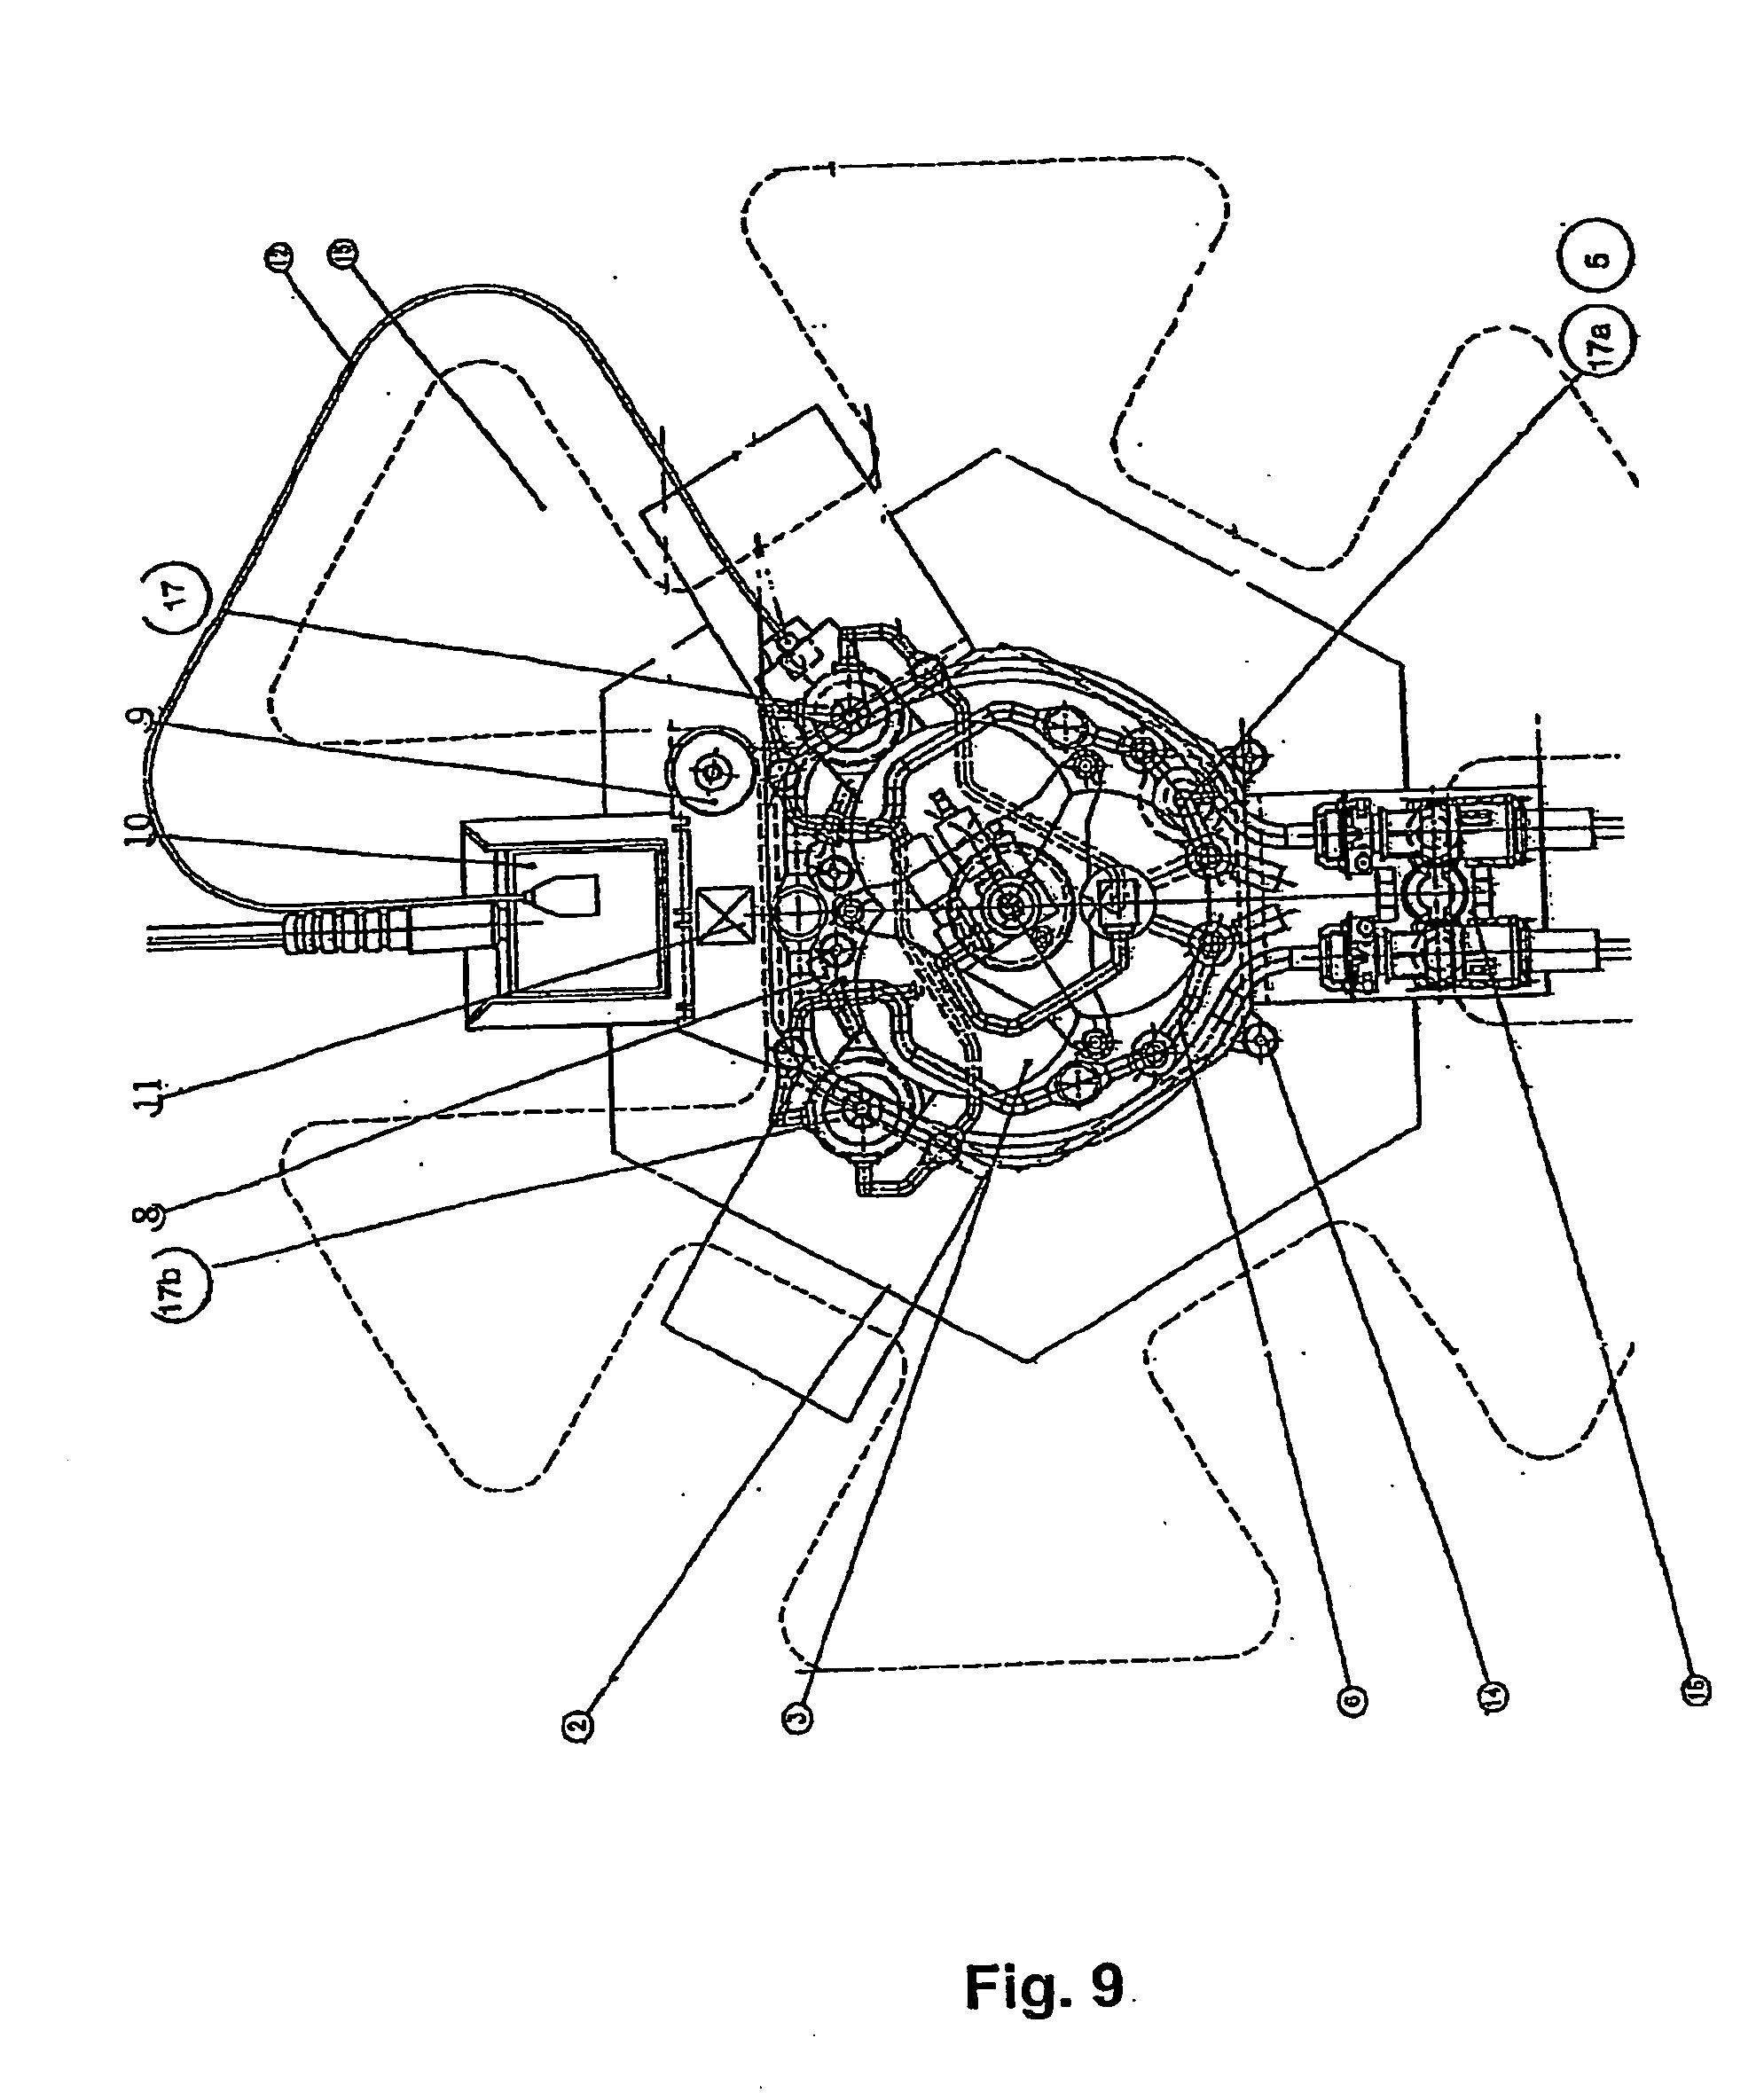 2004 Subaru Wrx Wiring Diagram Html Com